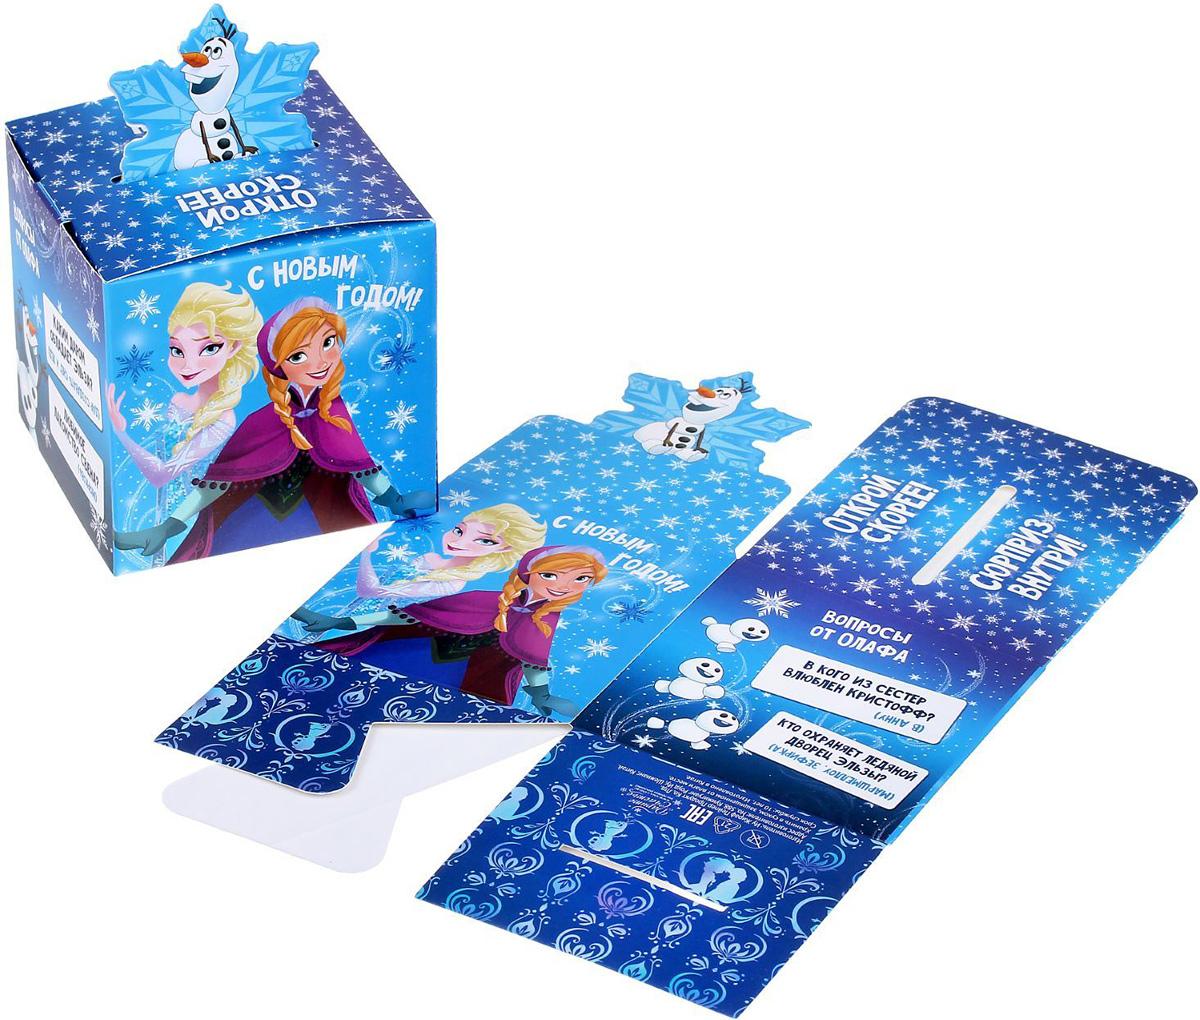 Коробка складная Disney Открой скорее! Холодное сердце, 8 х 8 х 8 см1398649Коробка складная Disney Открой скорее! Холодное сердце выполнена из картона. Любой подарок начинается с упаковки. Что может быть трогательнее и волшебнее, чем ритуал разворачивания полученного презента. И именно оригинальная, со вкусом выбранная упаковка выделит ваш подарок из массы других. Она продемонстрирует самые теплые чувства к виновнику торжества и создаст сказочную атмосферу праздника. Размер коробки в сложенном виде: 8 х 8 х 8 см.